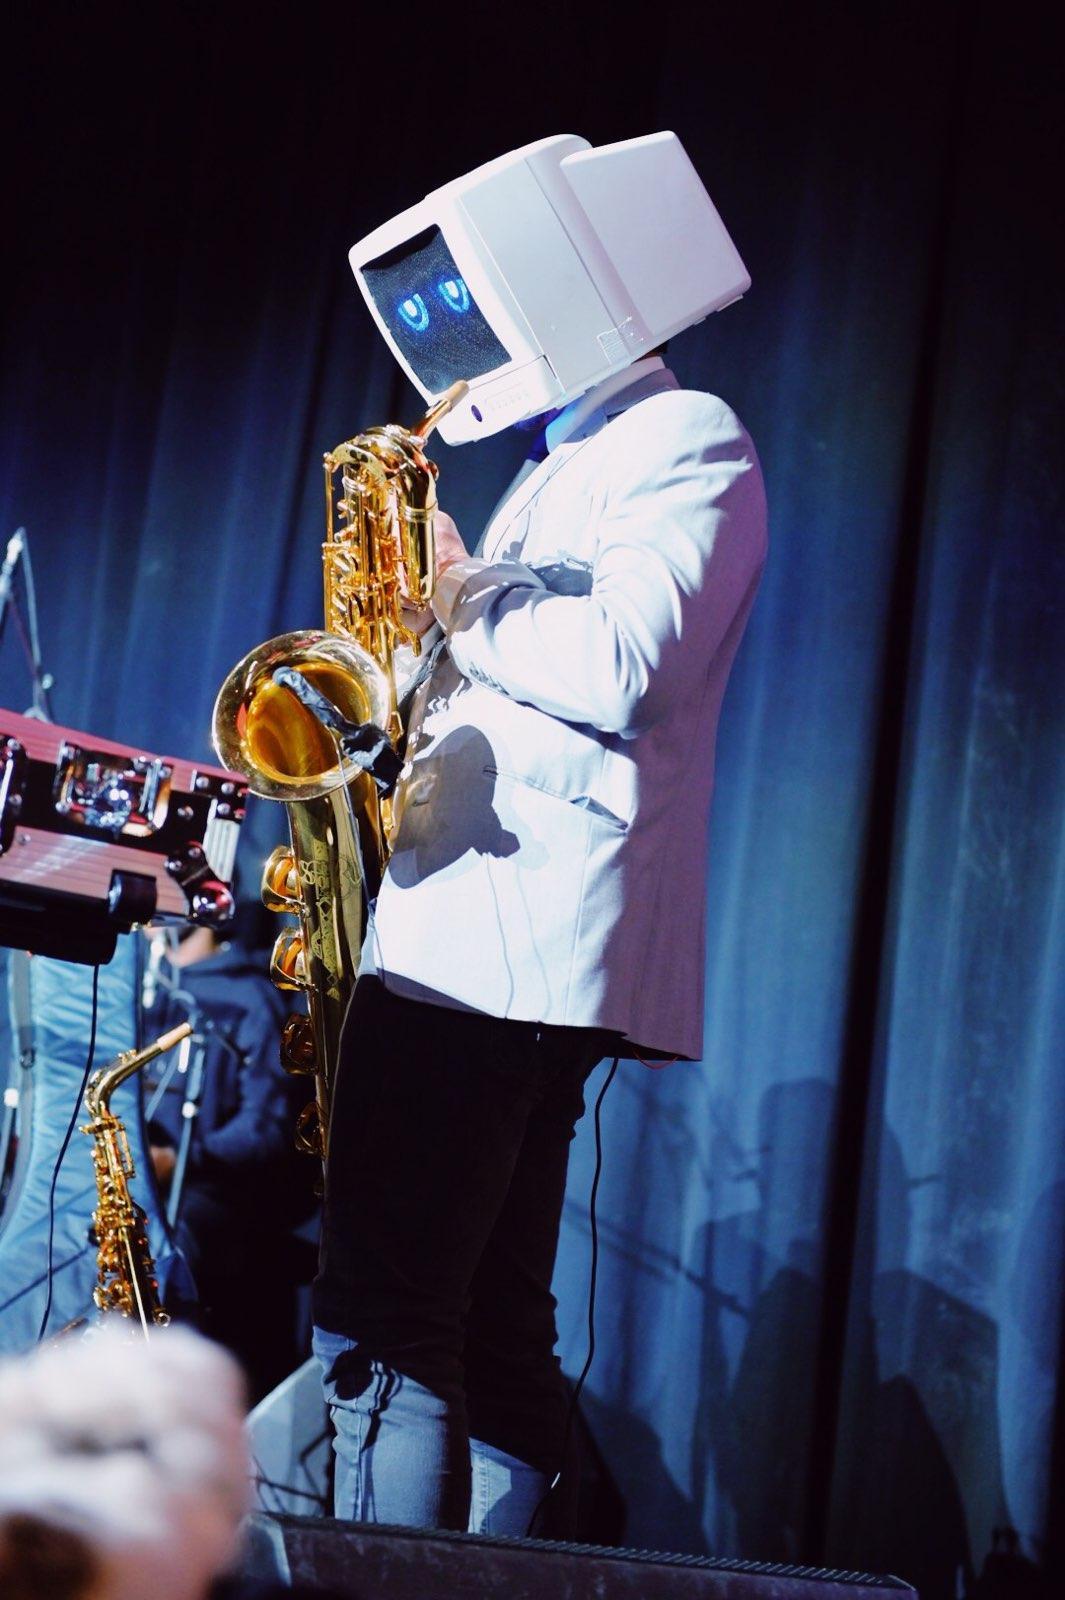 Robot DJ plays the saxophone